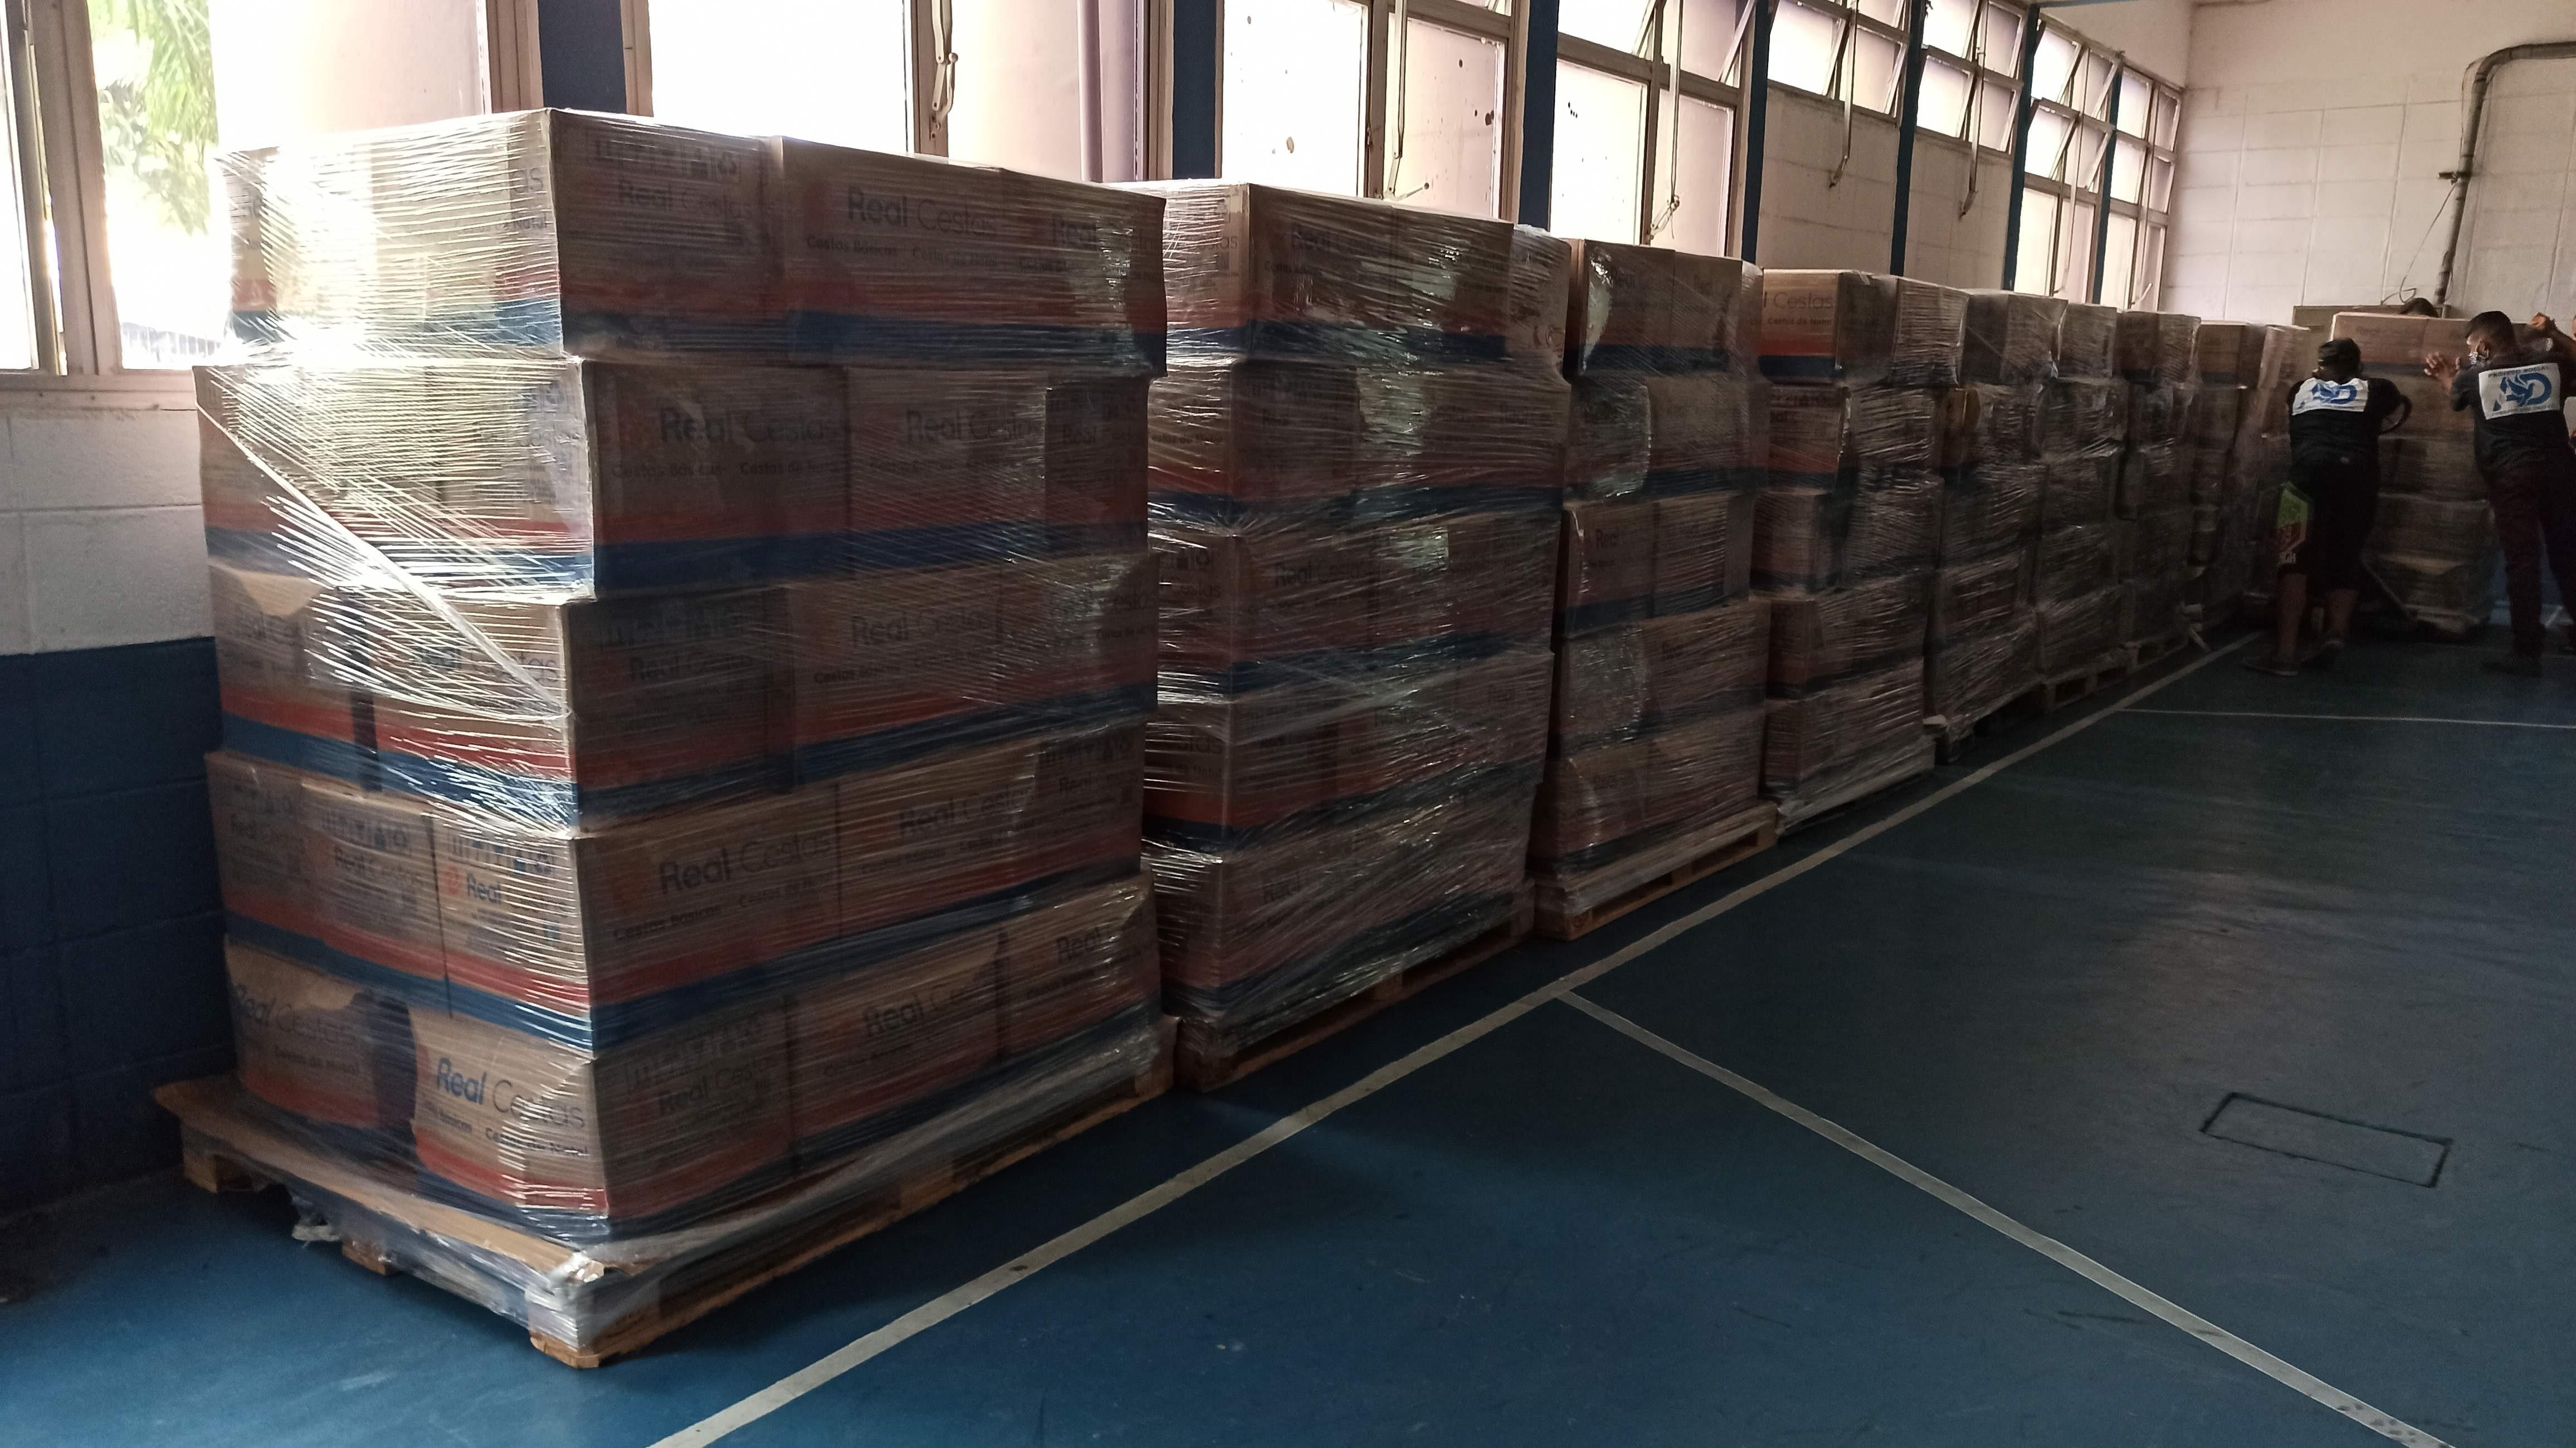 Programa 'Alimento Solidário' beneficiará mais de 6 mil famílias em extrema pobreza de Guarujá